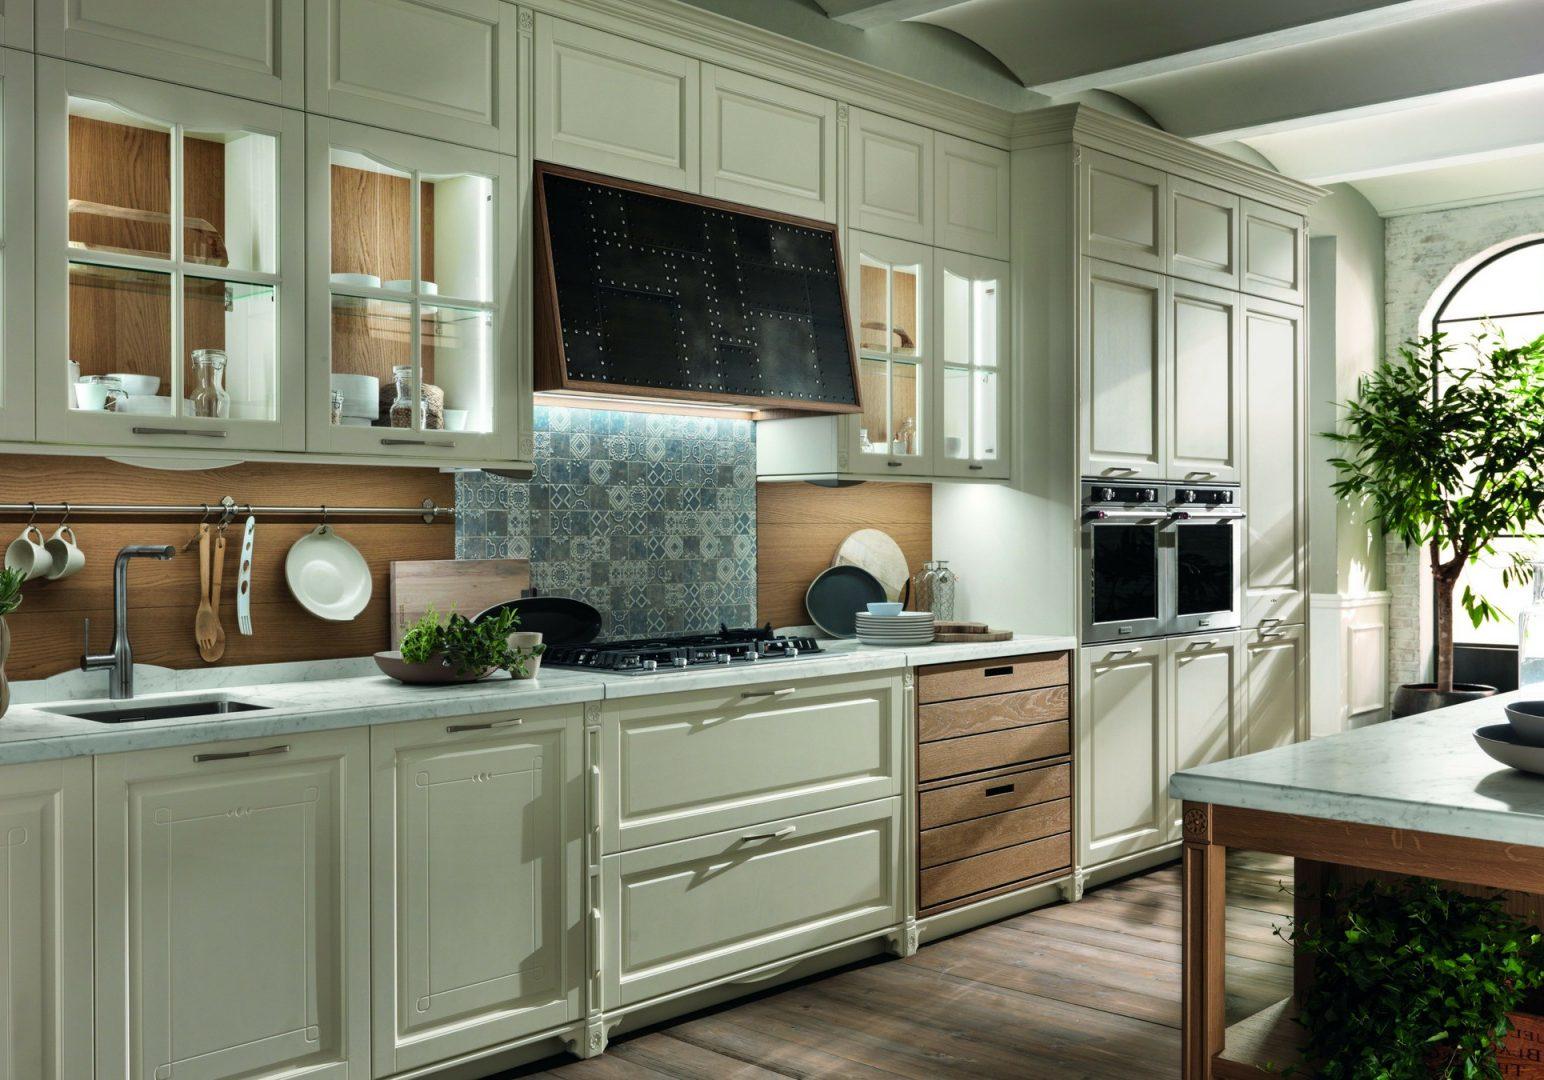 Прямая кухня МДФ эмалья светло-зеленого цвета, классика с деревом